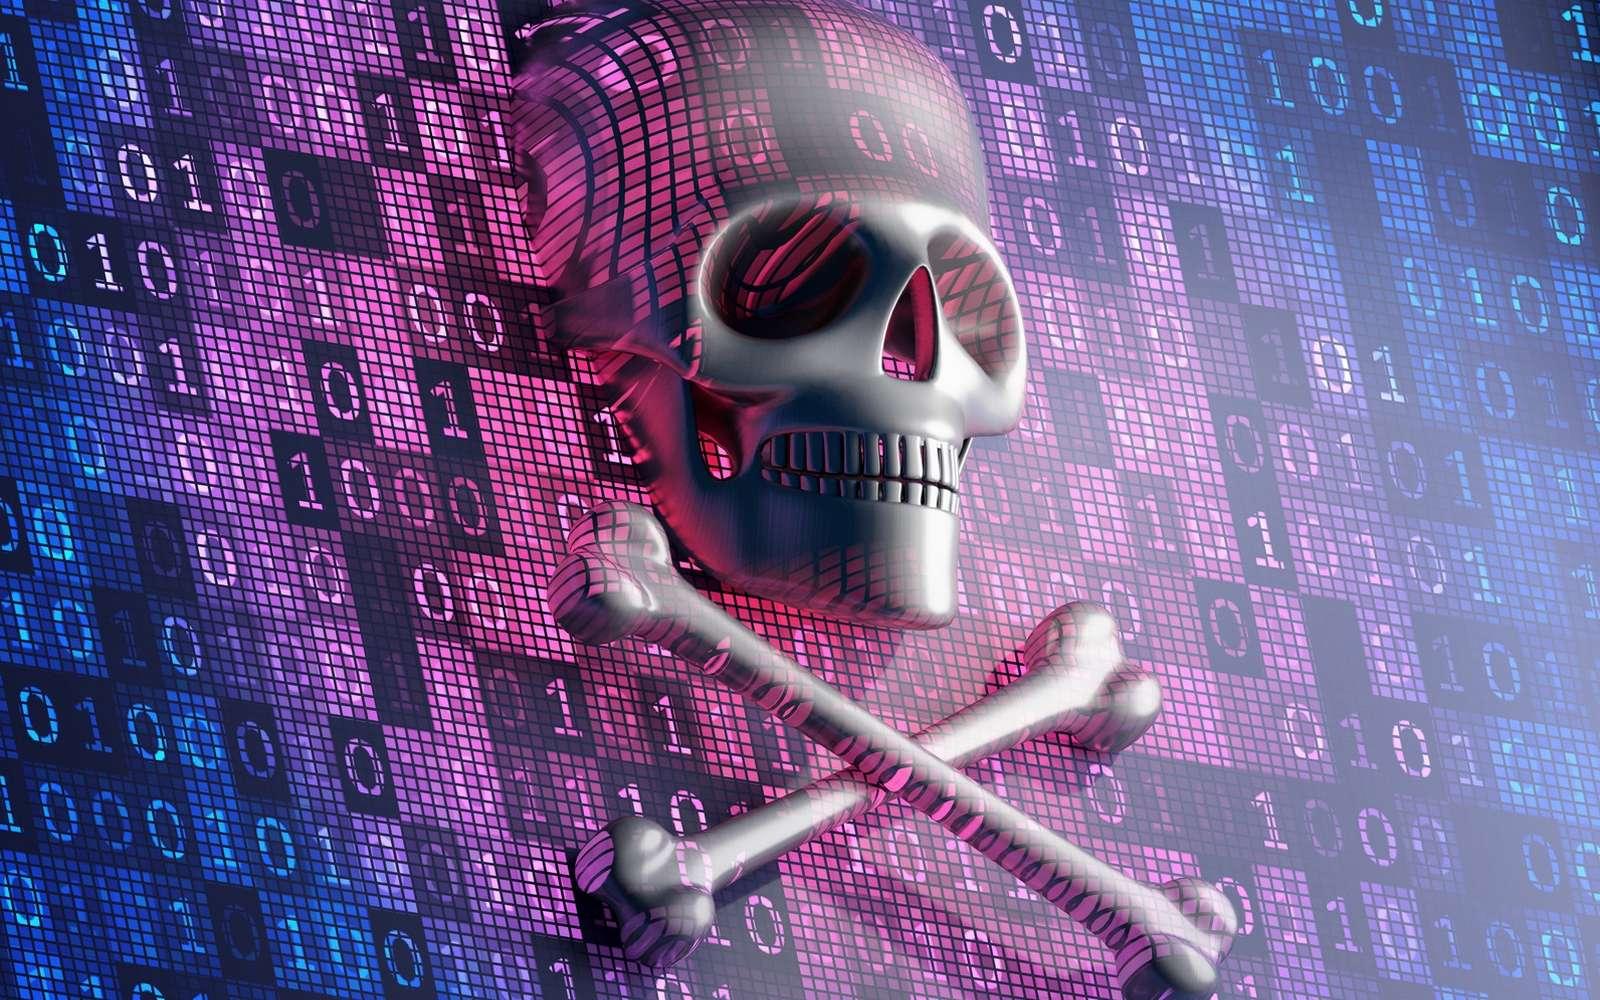 Le logiciel CCleaner est l'un des utilitaires PC les plus populaires. Il a été infecté par un malware. Ce dernier visait en fait 18 grandes entreprises, dont Google, Microsoft et Intel. © Iaremenko, Fotolia